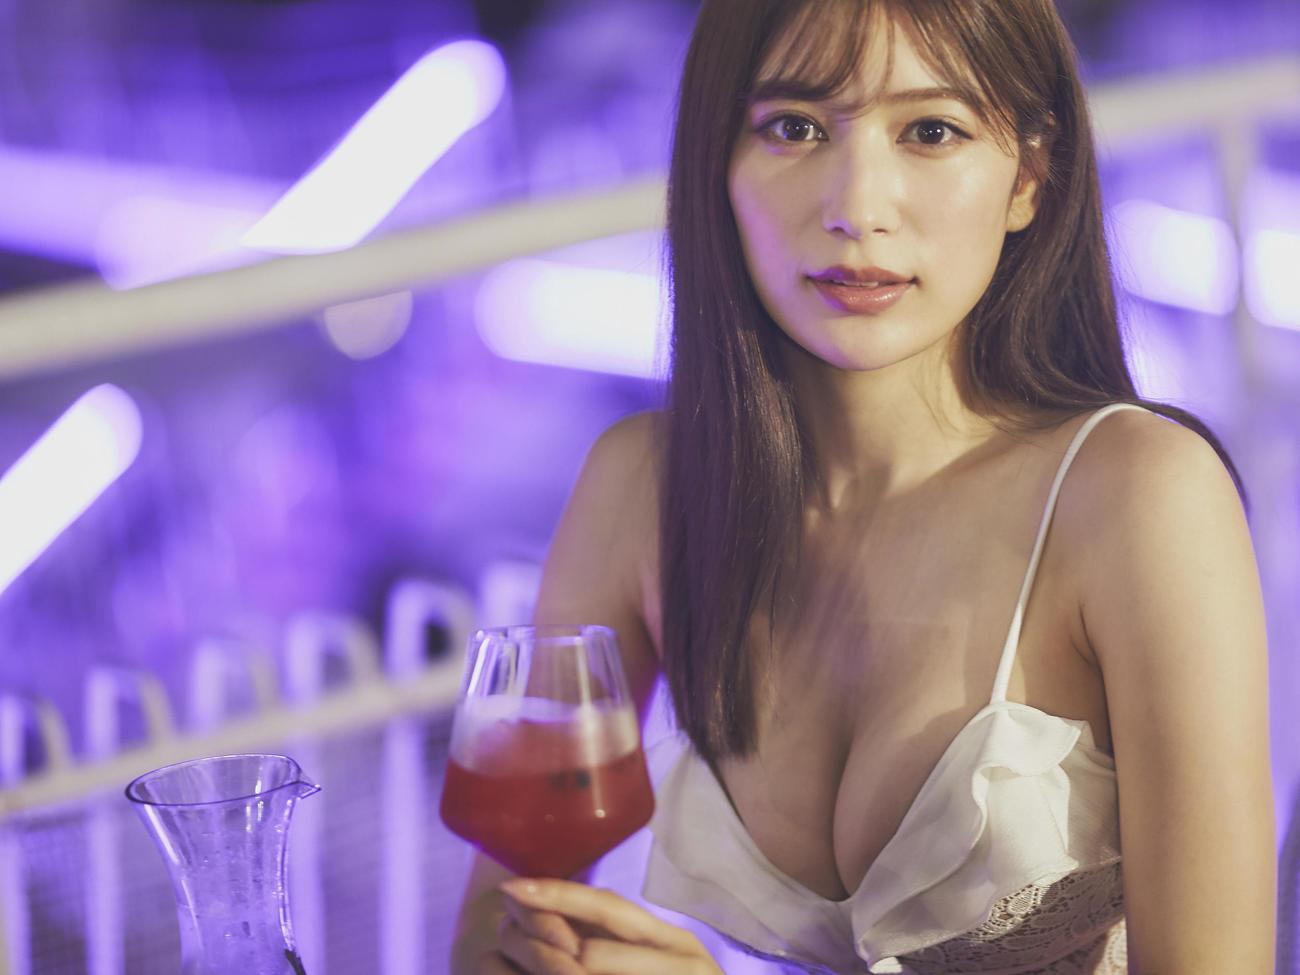 「東京カレンダー」の東京プールラバー2020にて水着姿を披露した雪平莉左(撮影 奥井俊介(C)shunsukeokui)